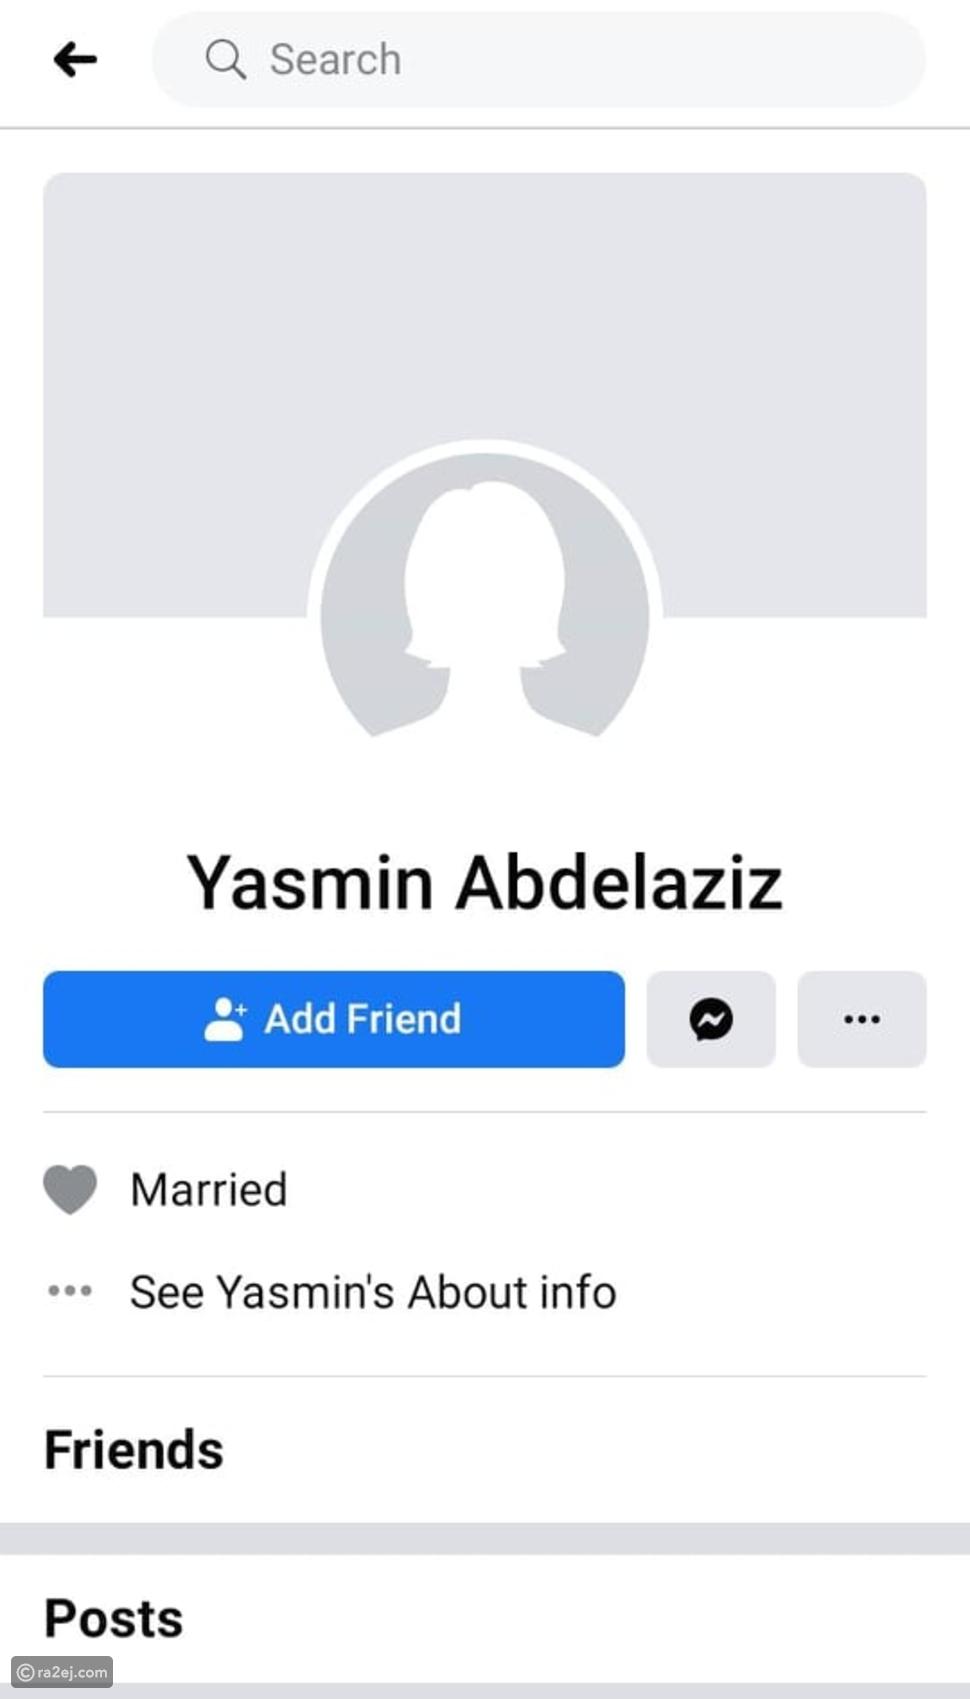 زواج ياسمين عبد العزيز وأحمد العوضي في صمت: هكذا تم إعلان الخبر